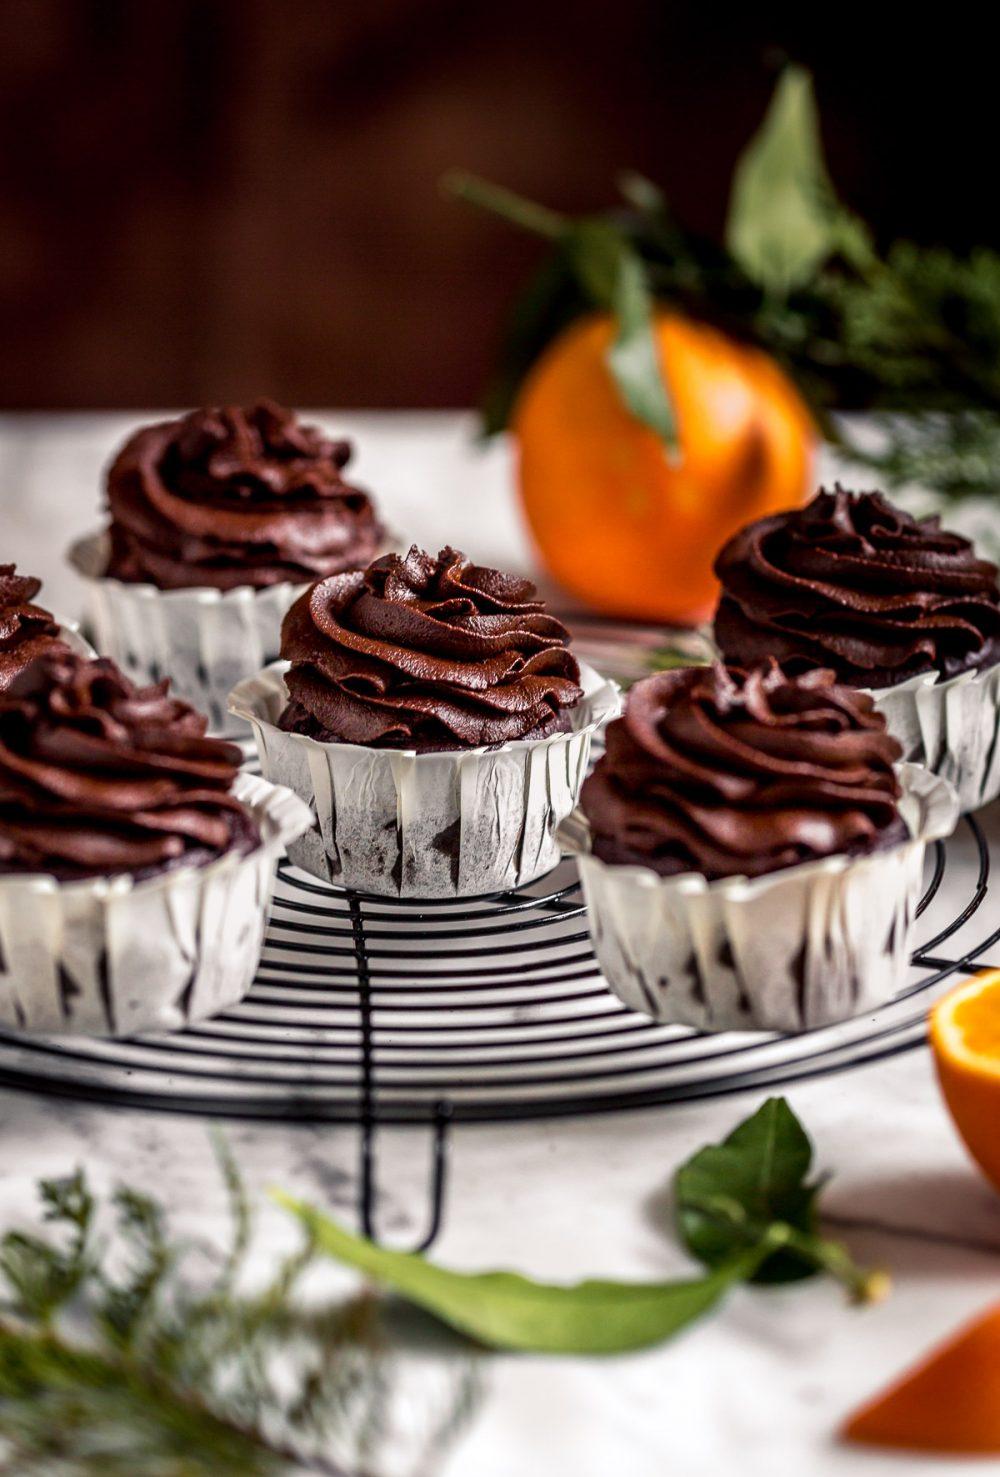 vegan chocolate pumpkin cupcakes with orange and date chocolate frosting CUPCAKES VEGAN al CIOCCOLATO ARANCIA e ZUCCA con mousse al cioccolato datteri e zucca senza zucchero